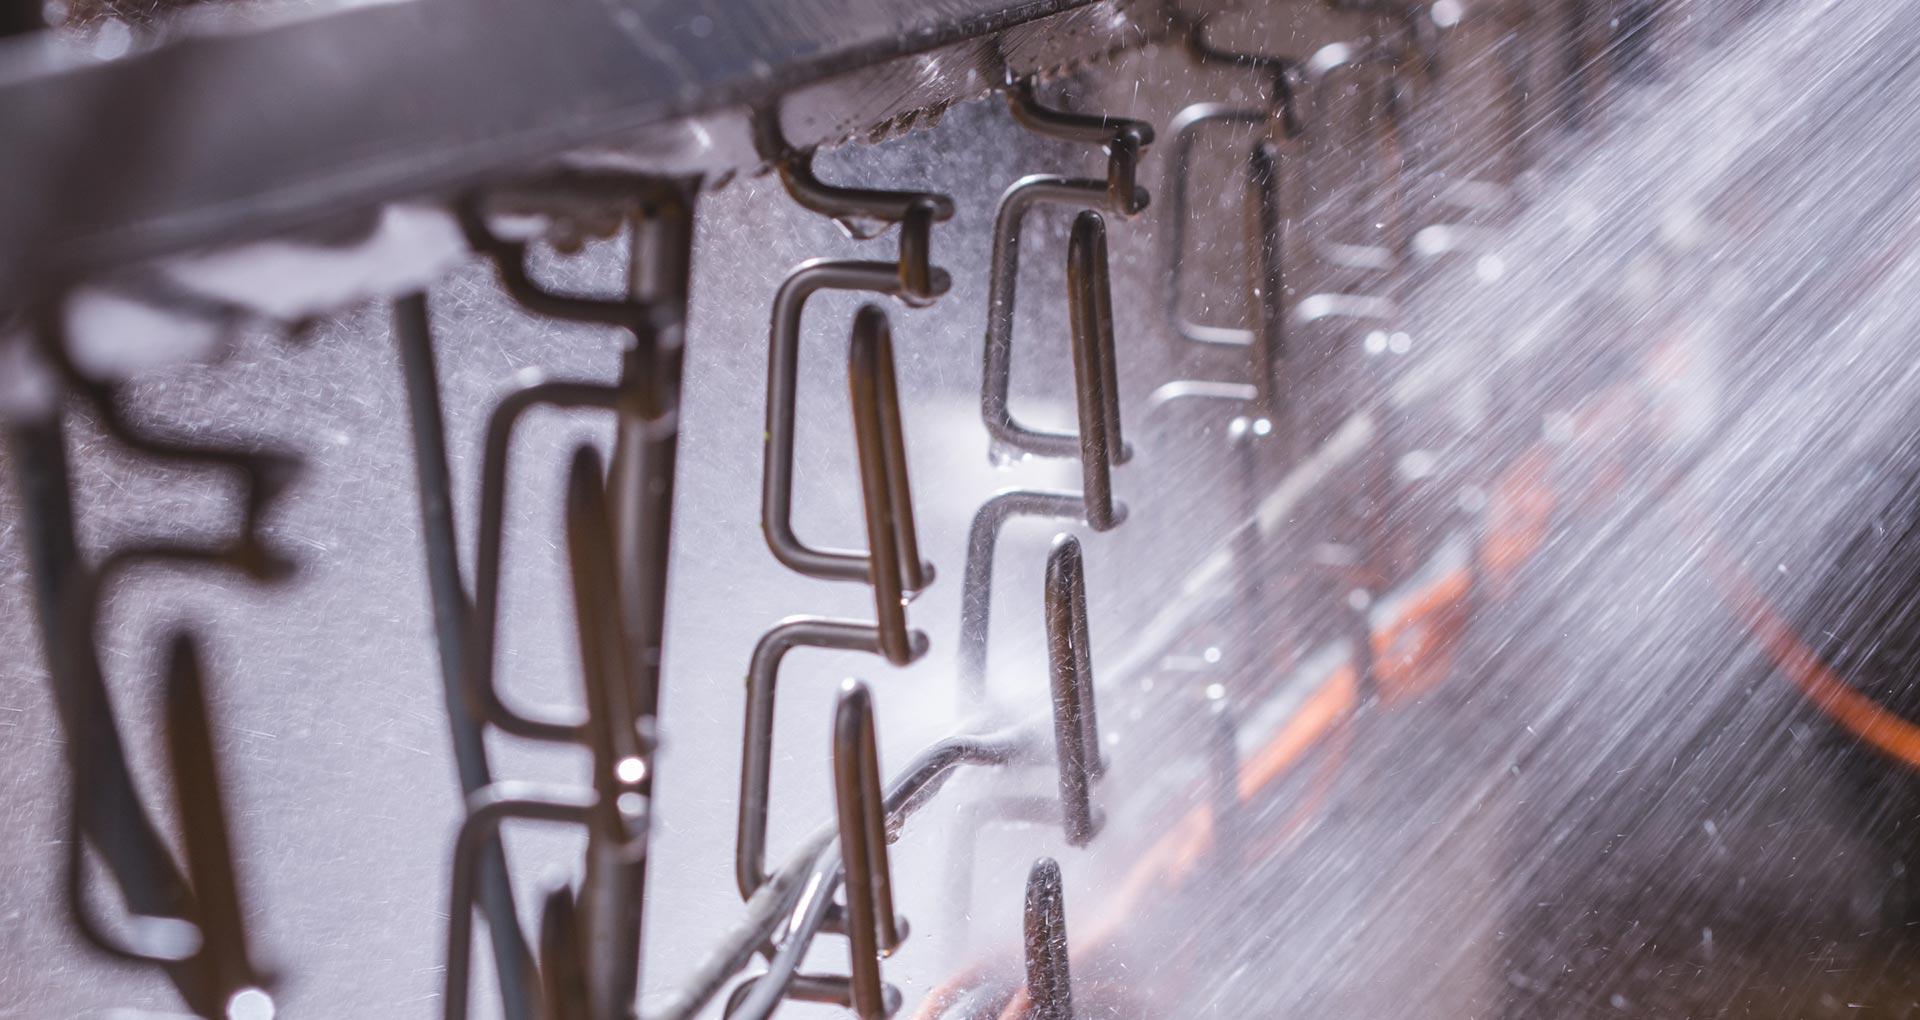 Foto van hygienische bekabeling met vecoclip kabelladders die afgespoten worden